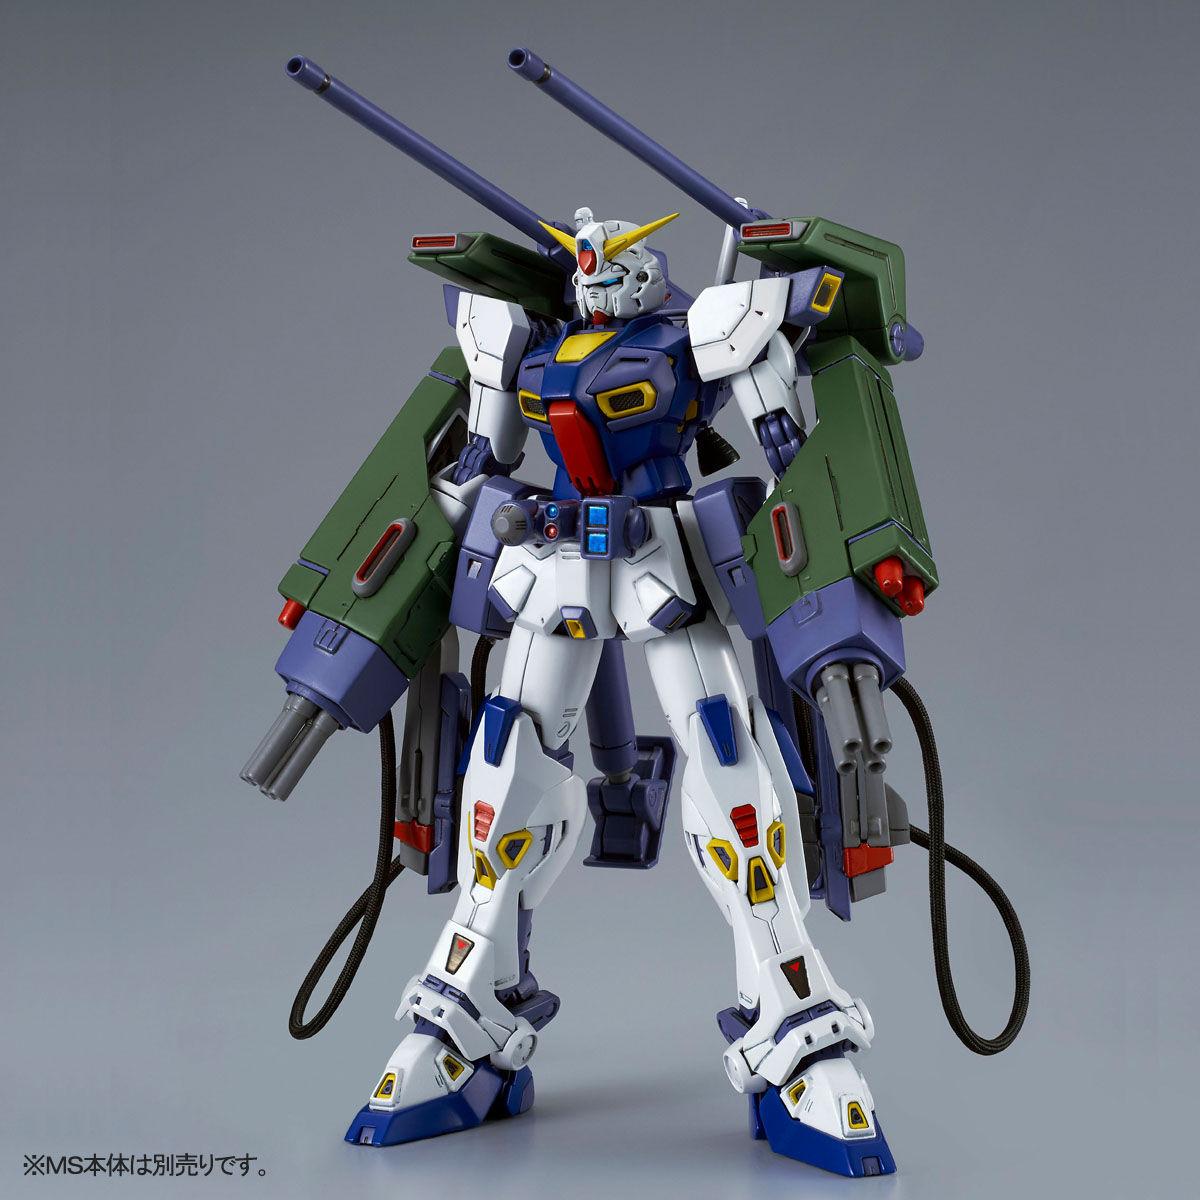 MG 1/100『ガンダムF90用 ミッションパック Eタイプ&Sタイプ』プラモデル-003